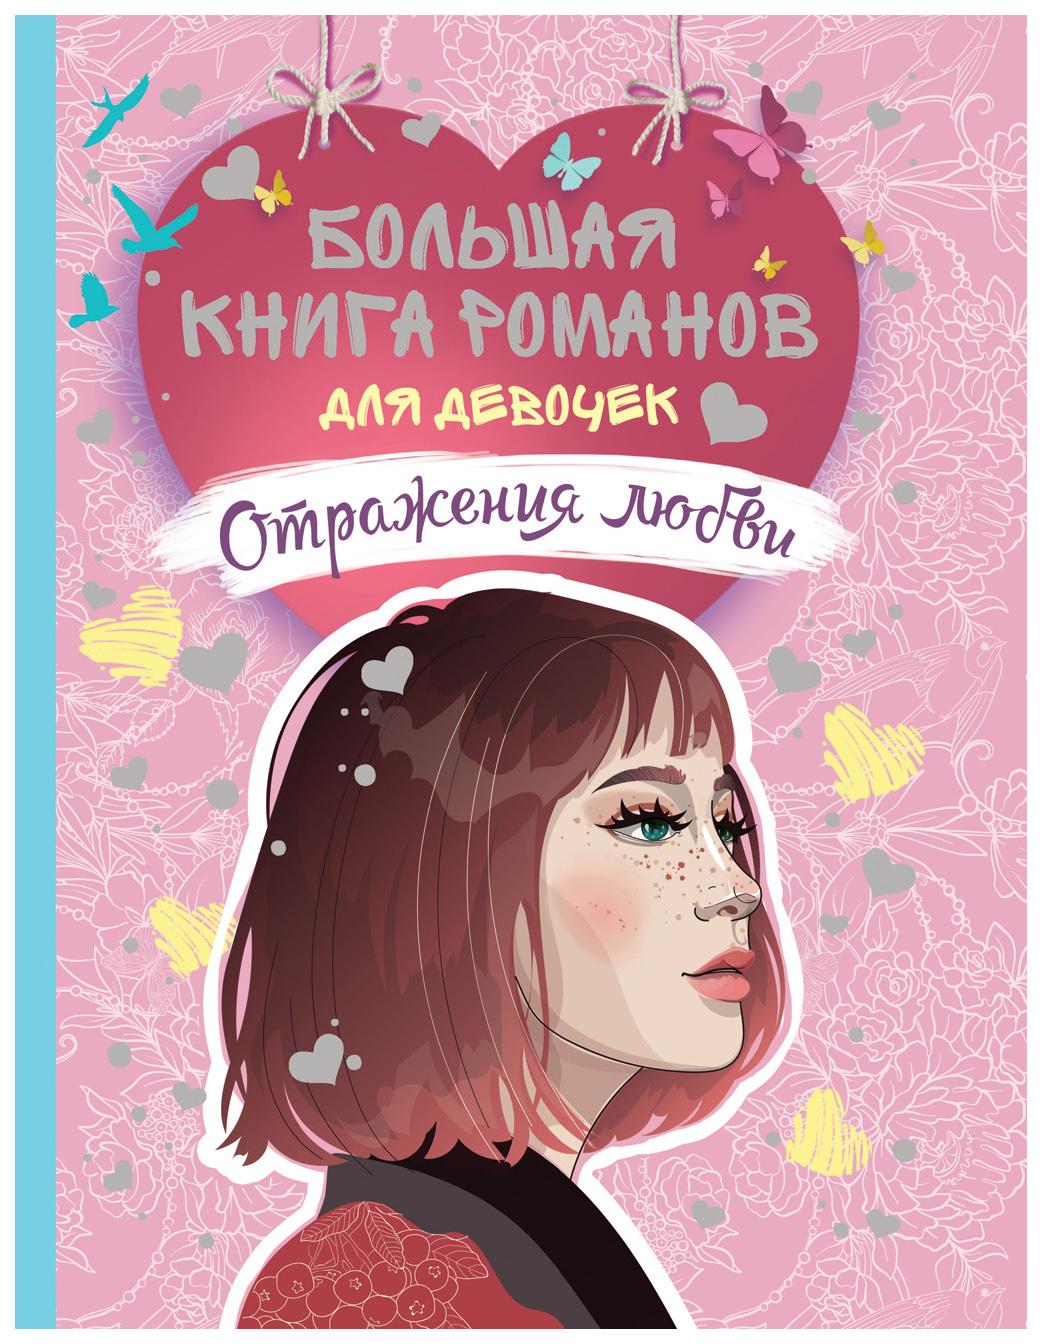 Купить Большая книга Романов для Девочек. Отражения любви, Росмэн, Детская художественная литература